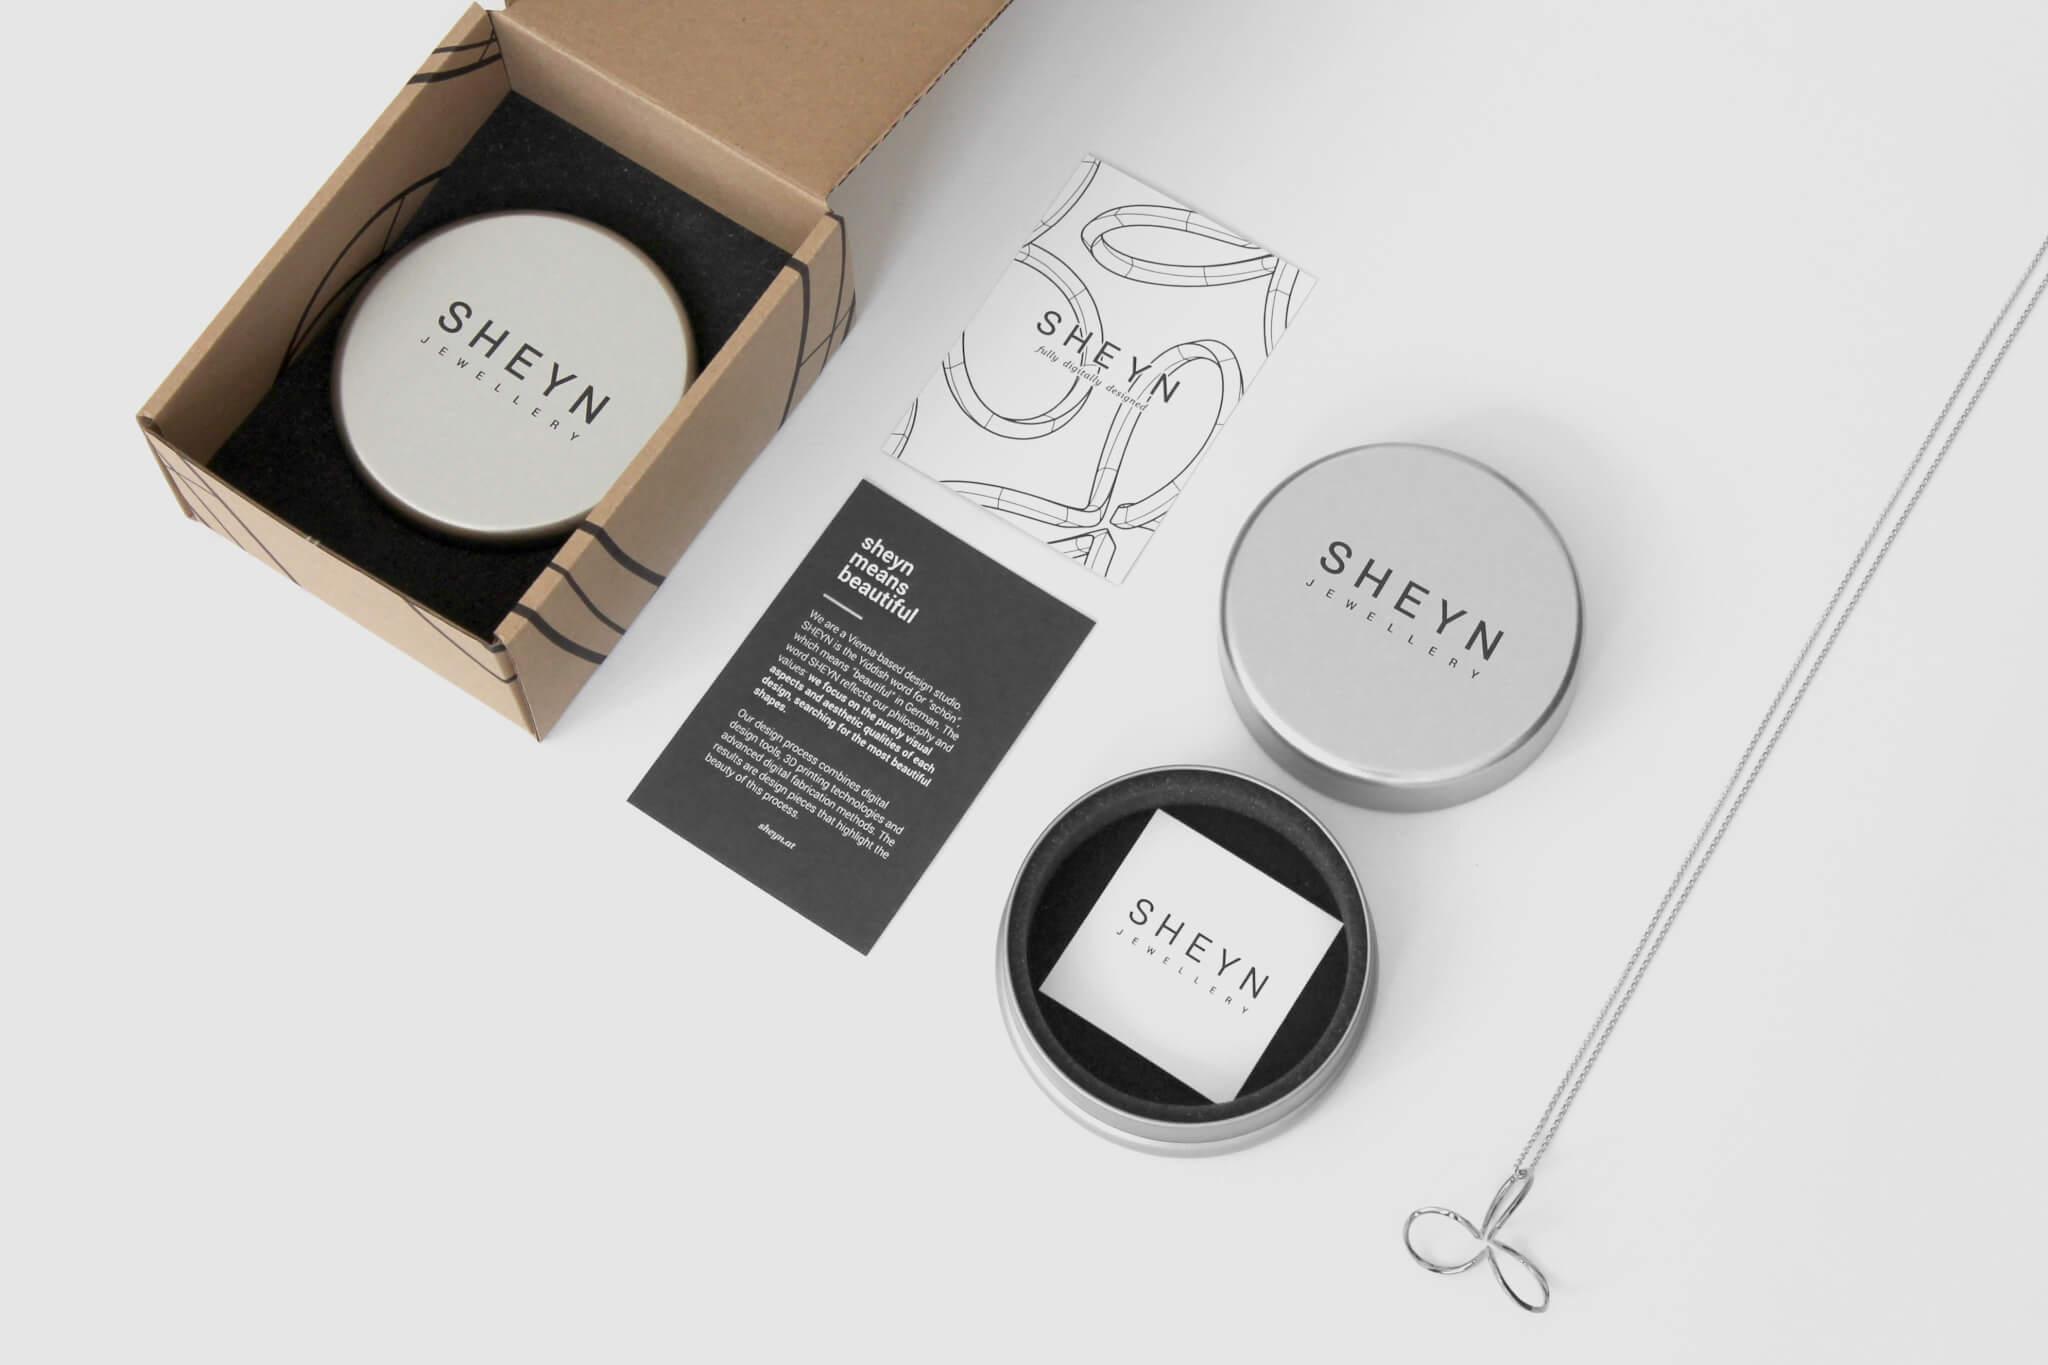 SHEYN-Verpackung